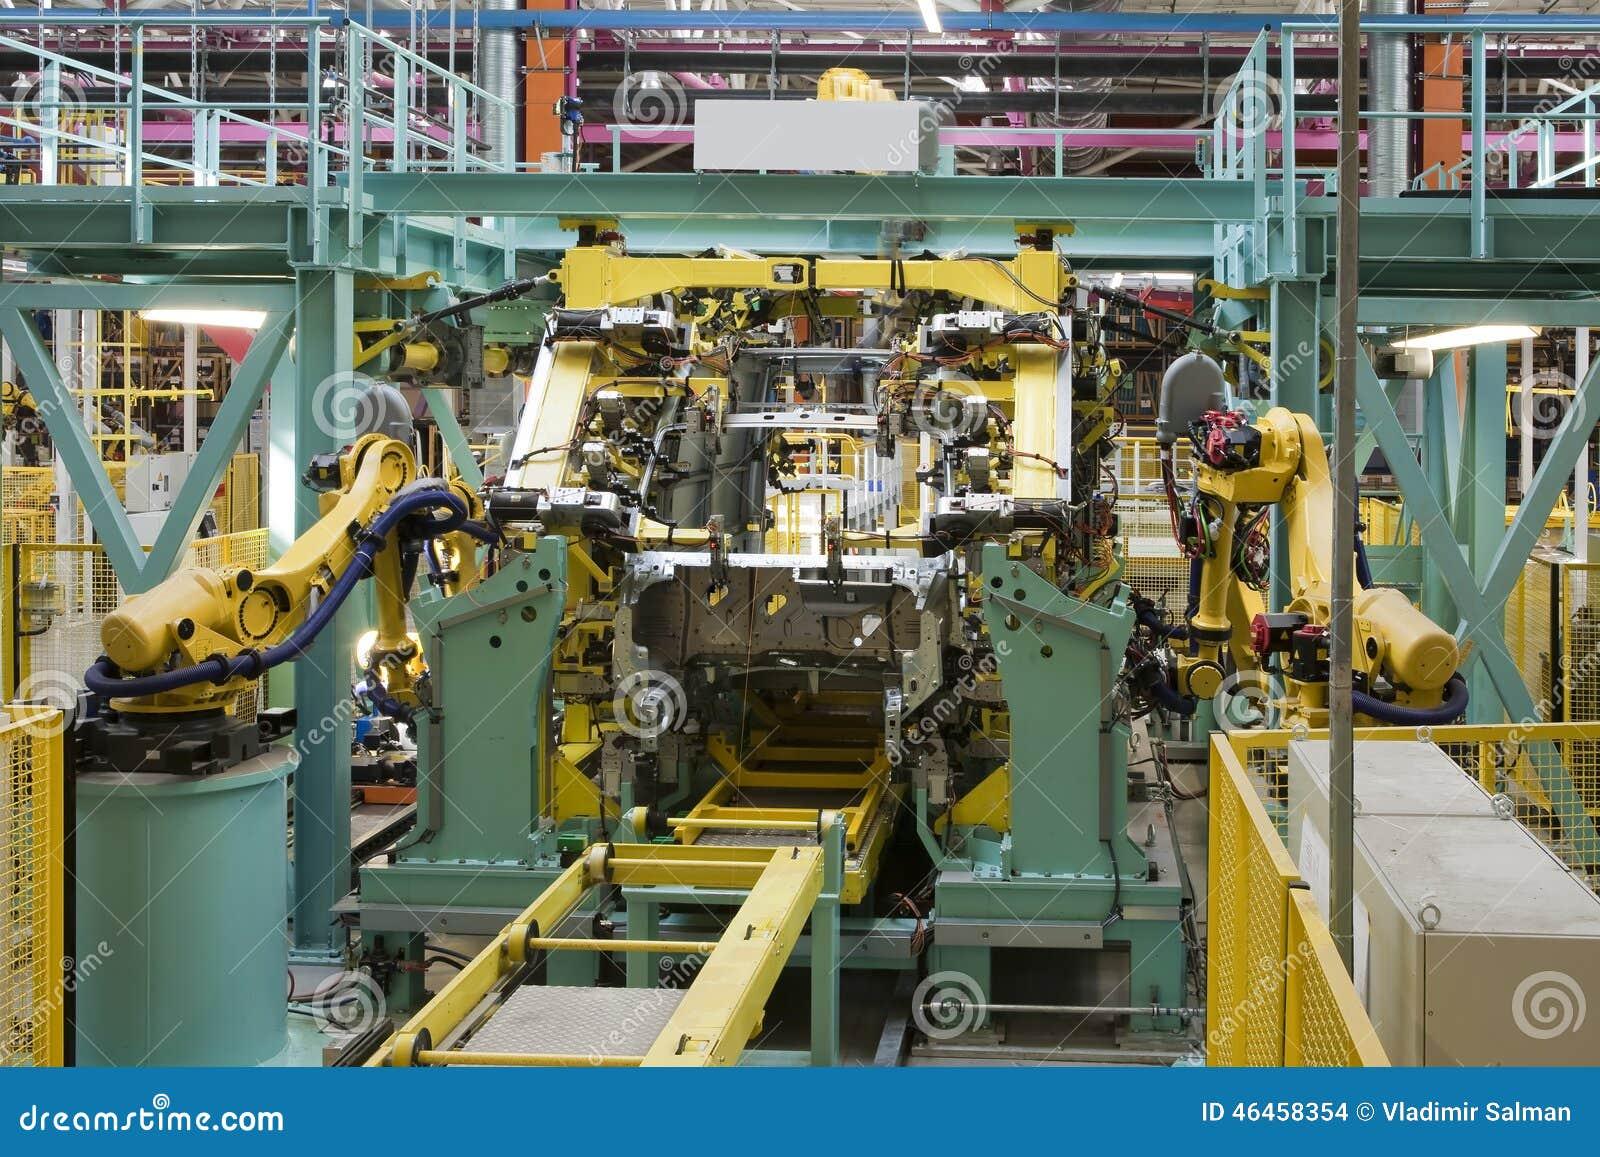 Авто конвейер фото конвейер разделочный